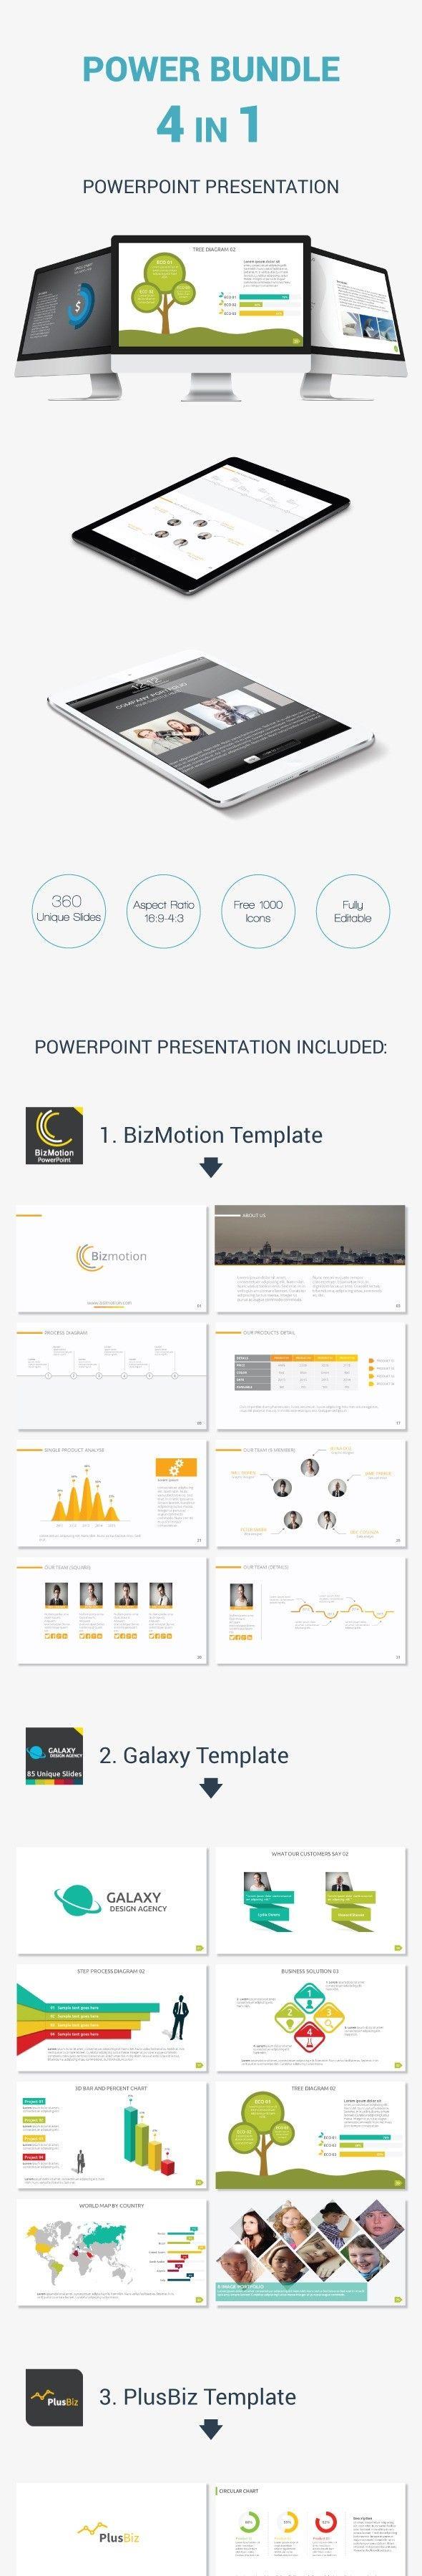 Analyse Analysis Biz Chart Client Corporate Creative Data